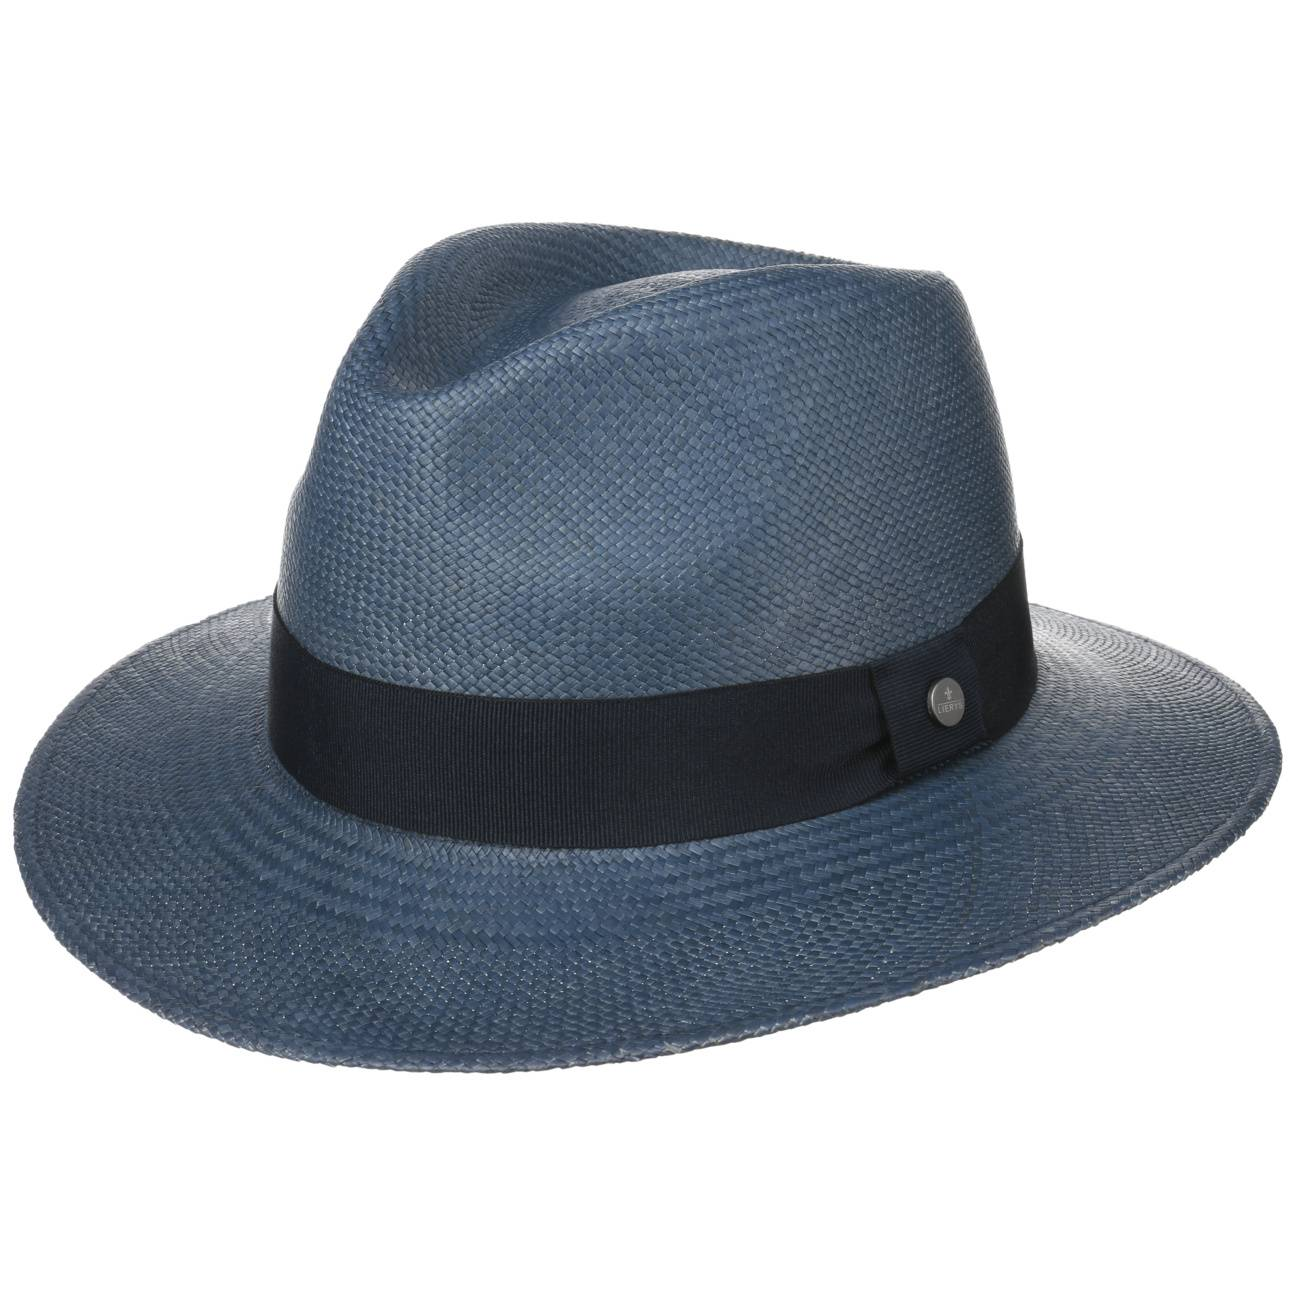 Lierys Cappello Panama Moda Traveller by Lierys in denim, Gr. XL (61-62 cm)